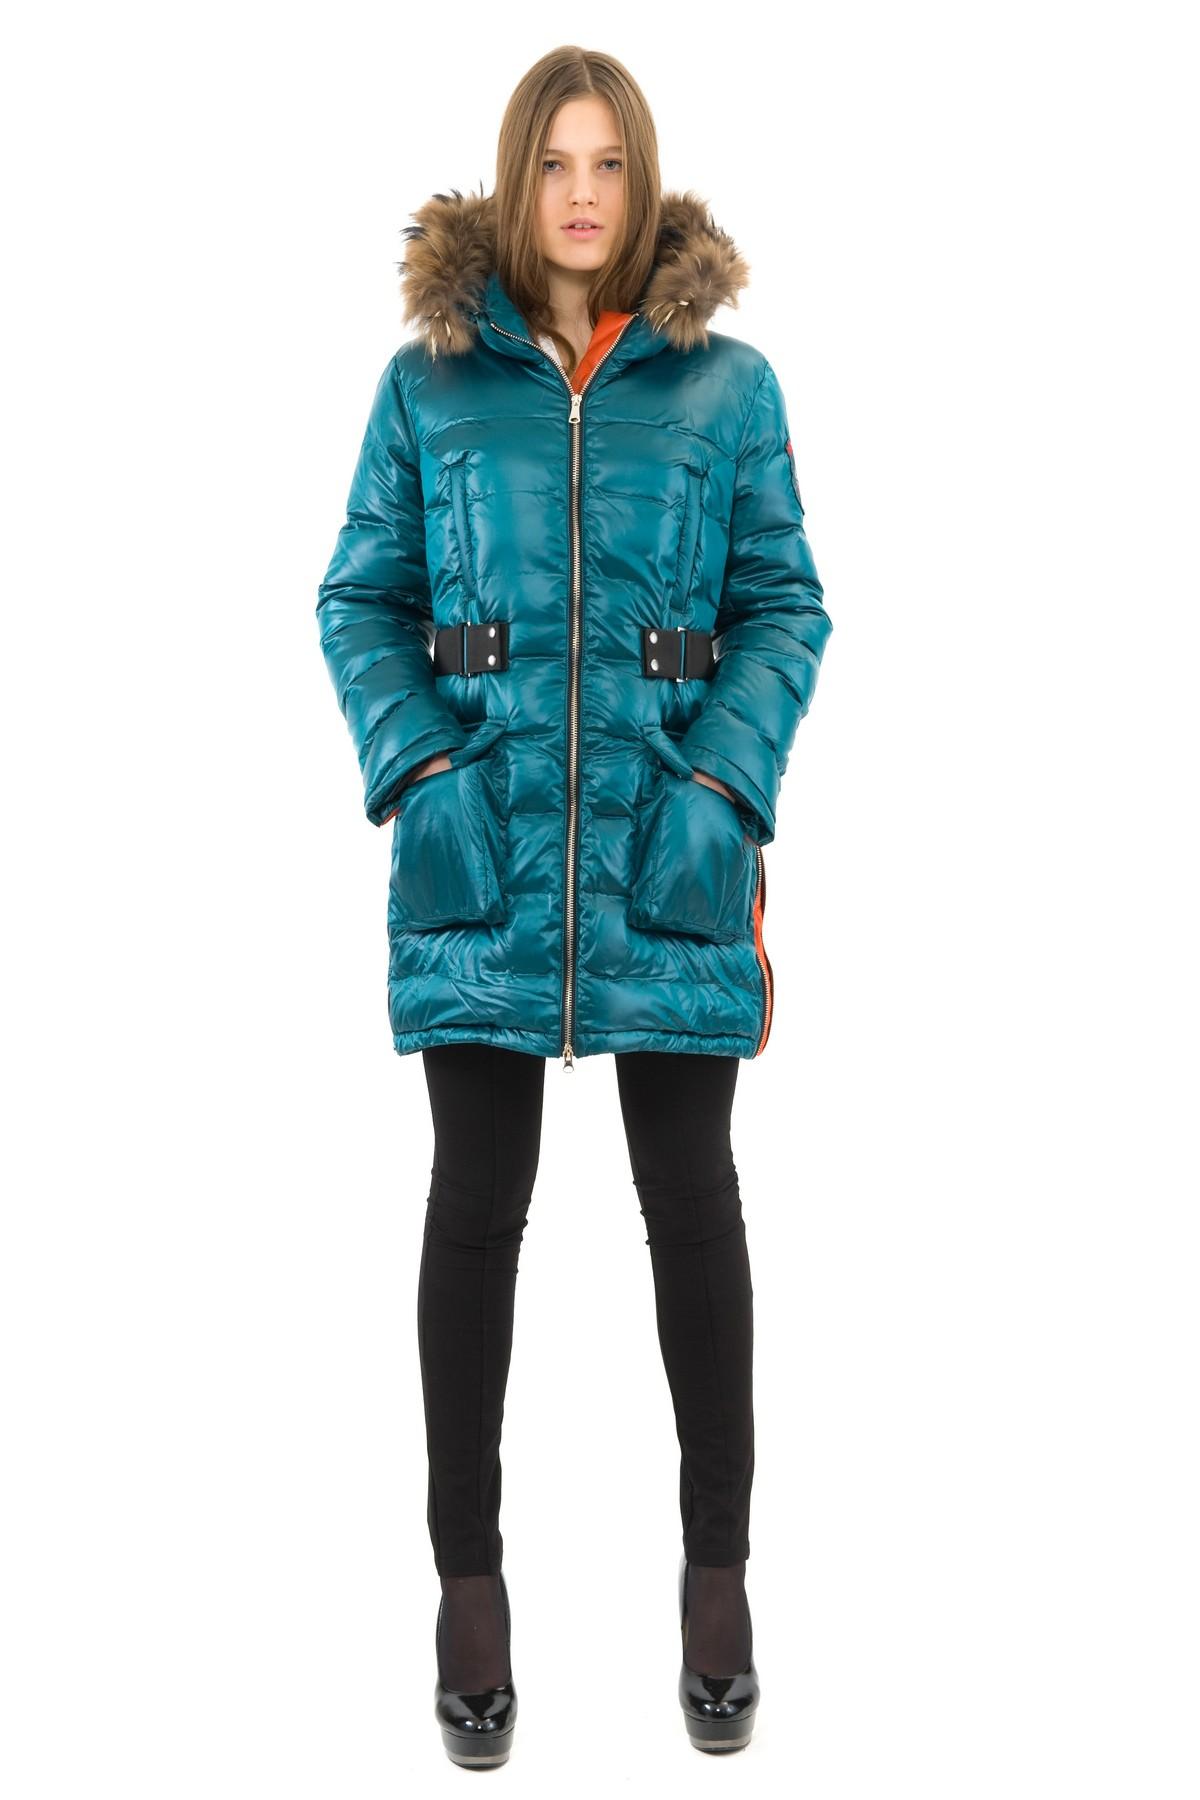 ПуховикЗимние куртки, пальто, пуховики<br>Если Вы любите тепло и уют, тогда Вам идеально подойдет этот замечательный пуховик. Утеплитель из высококачественного Российского пуха обеспечивает хорошую терморегуляцию и максимальный уровень комфорта. Модель выполнена из ветронепродуваемой, водоотталки<br><br>Цвет: изумрудный,оранжевый<br>Состав: ткань - 100% полиэстер,подкладка - 100% полиэстер,утеплитель:100% пух<br>Размер: 50,52<br>Страна дизайна: Россия<br>Страна производства: Россия